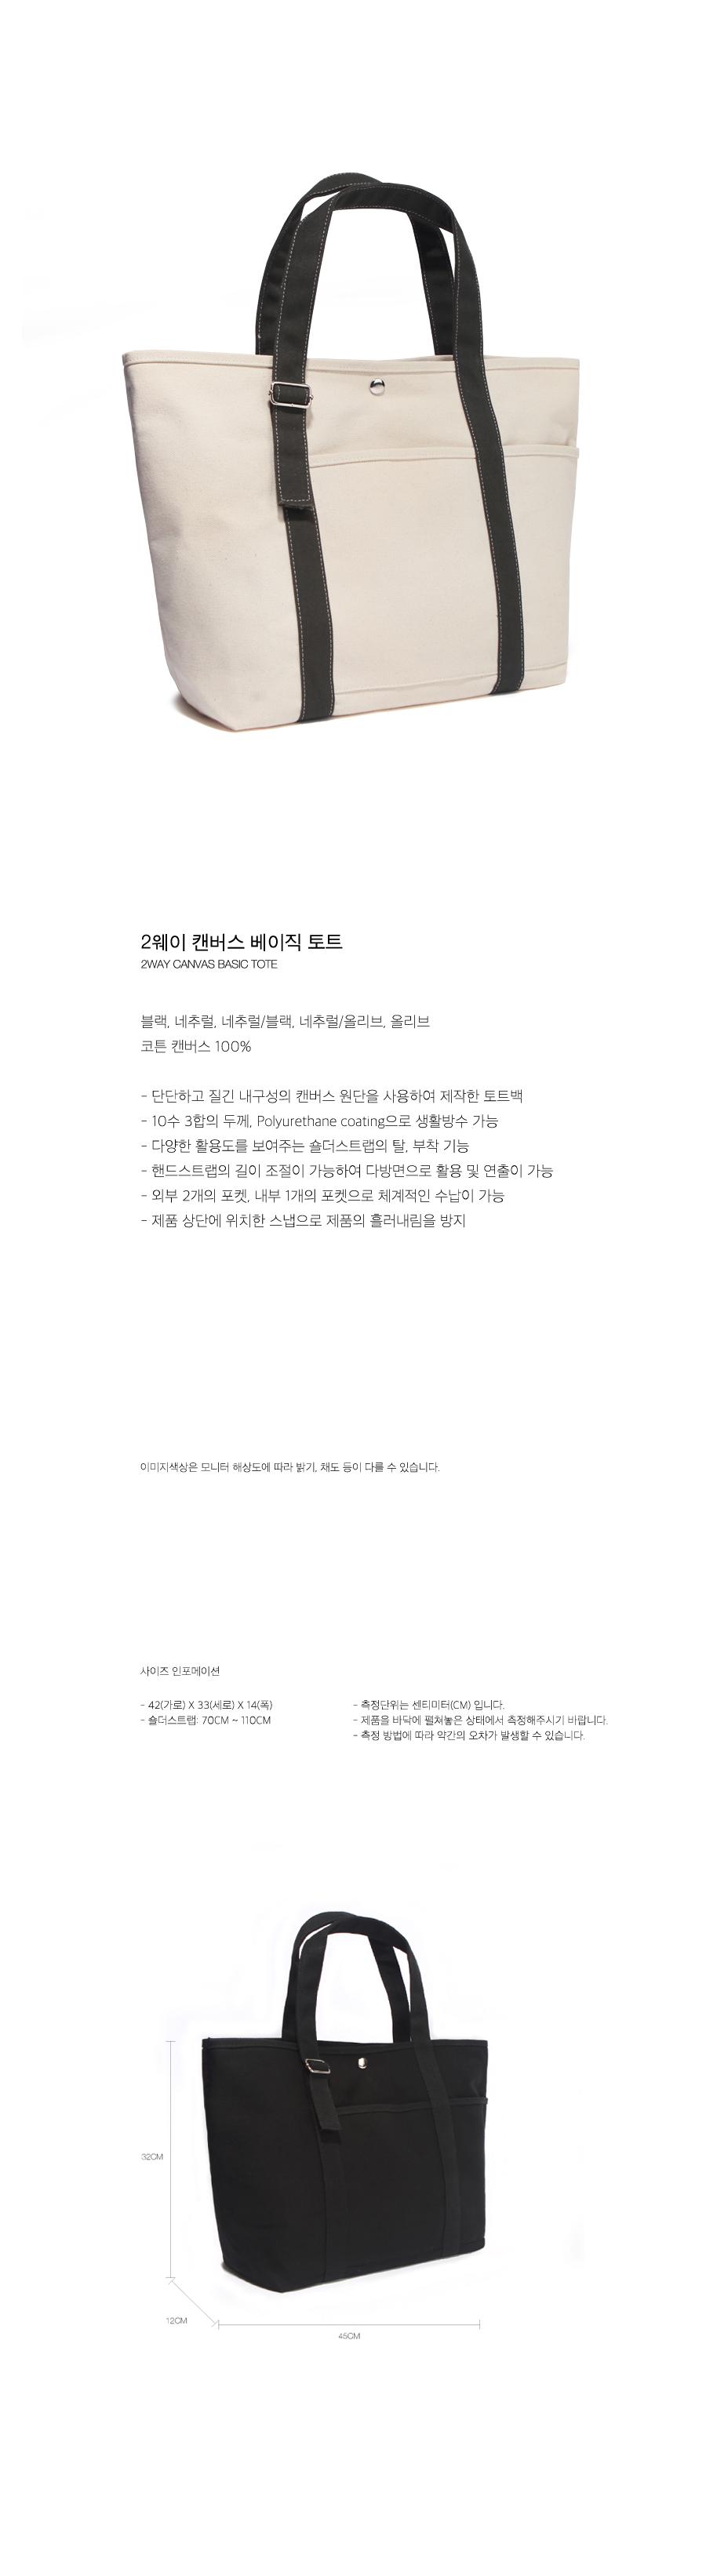 20 2포켓 베이직 토트-네추럴/올리브